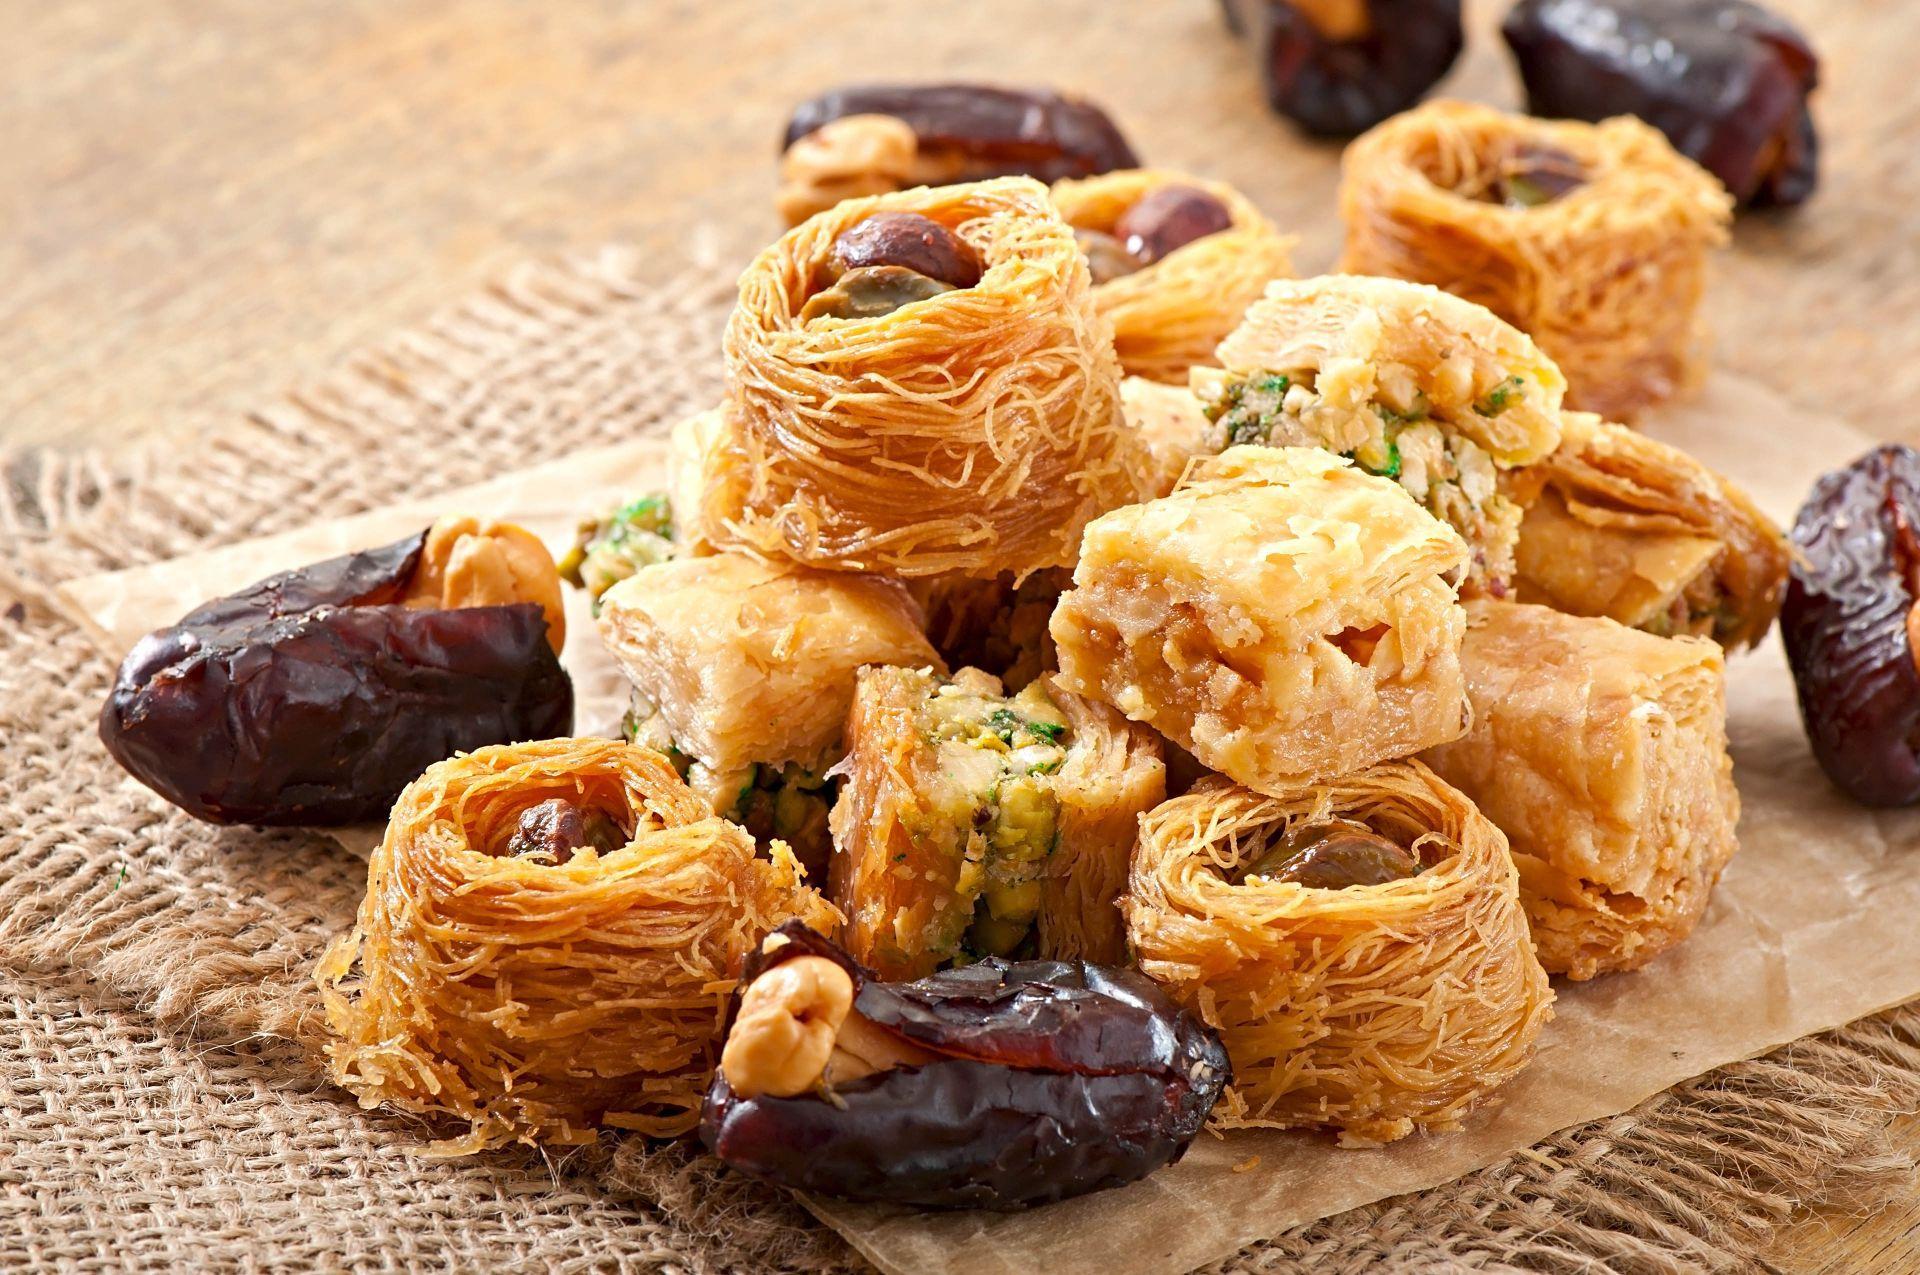 Have a dessert in Rethymno